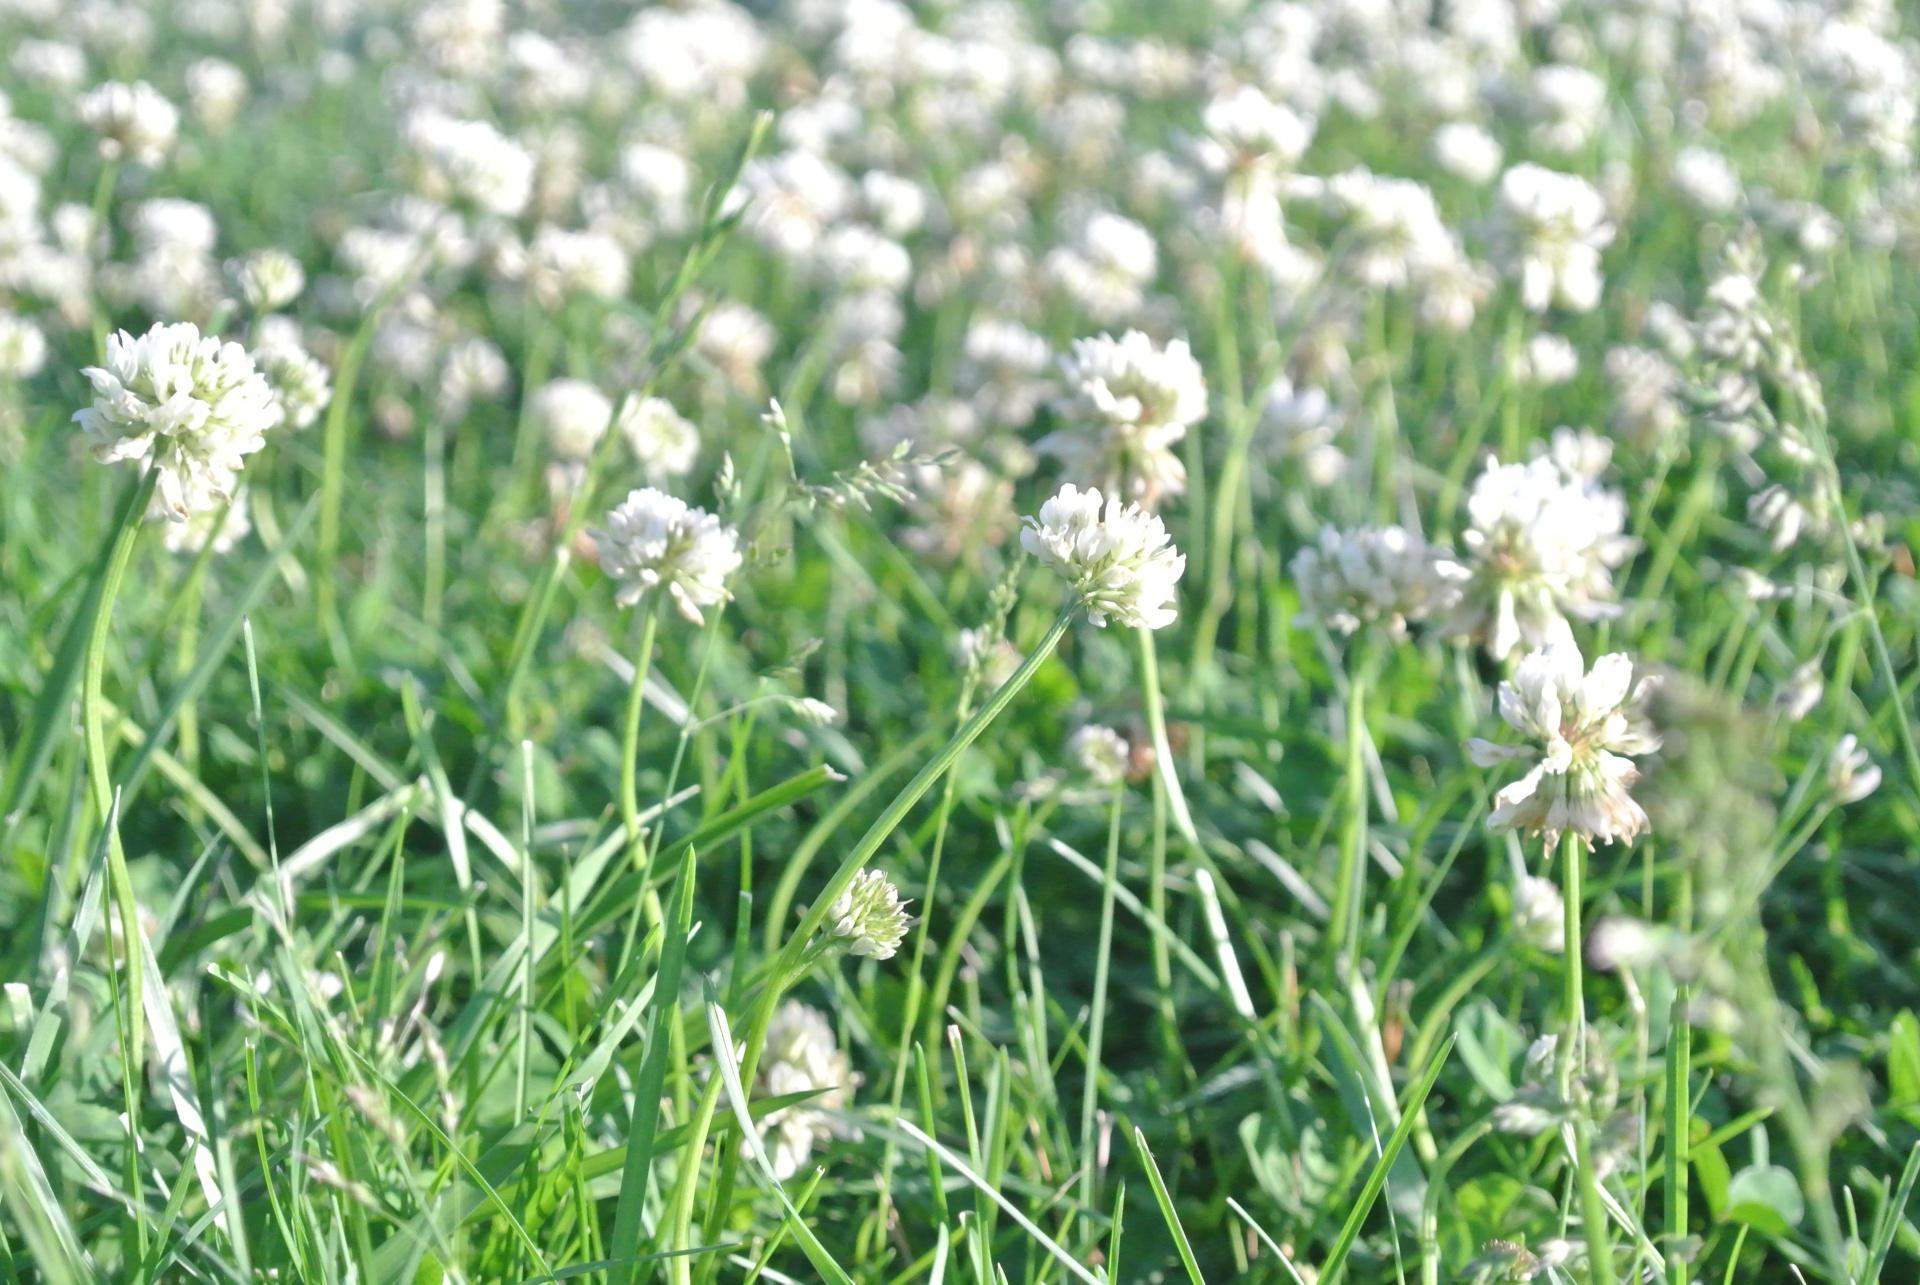 Whiteblossomflowersgrasswhite Flowers In Grass Free Photo From